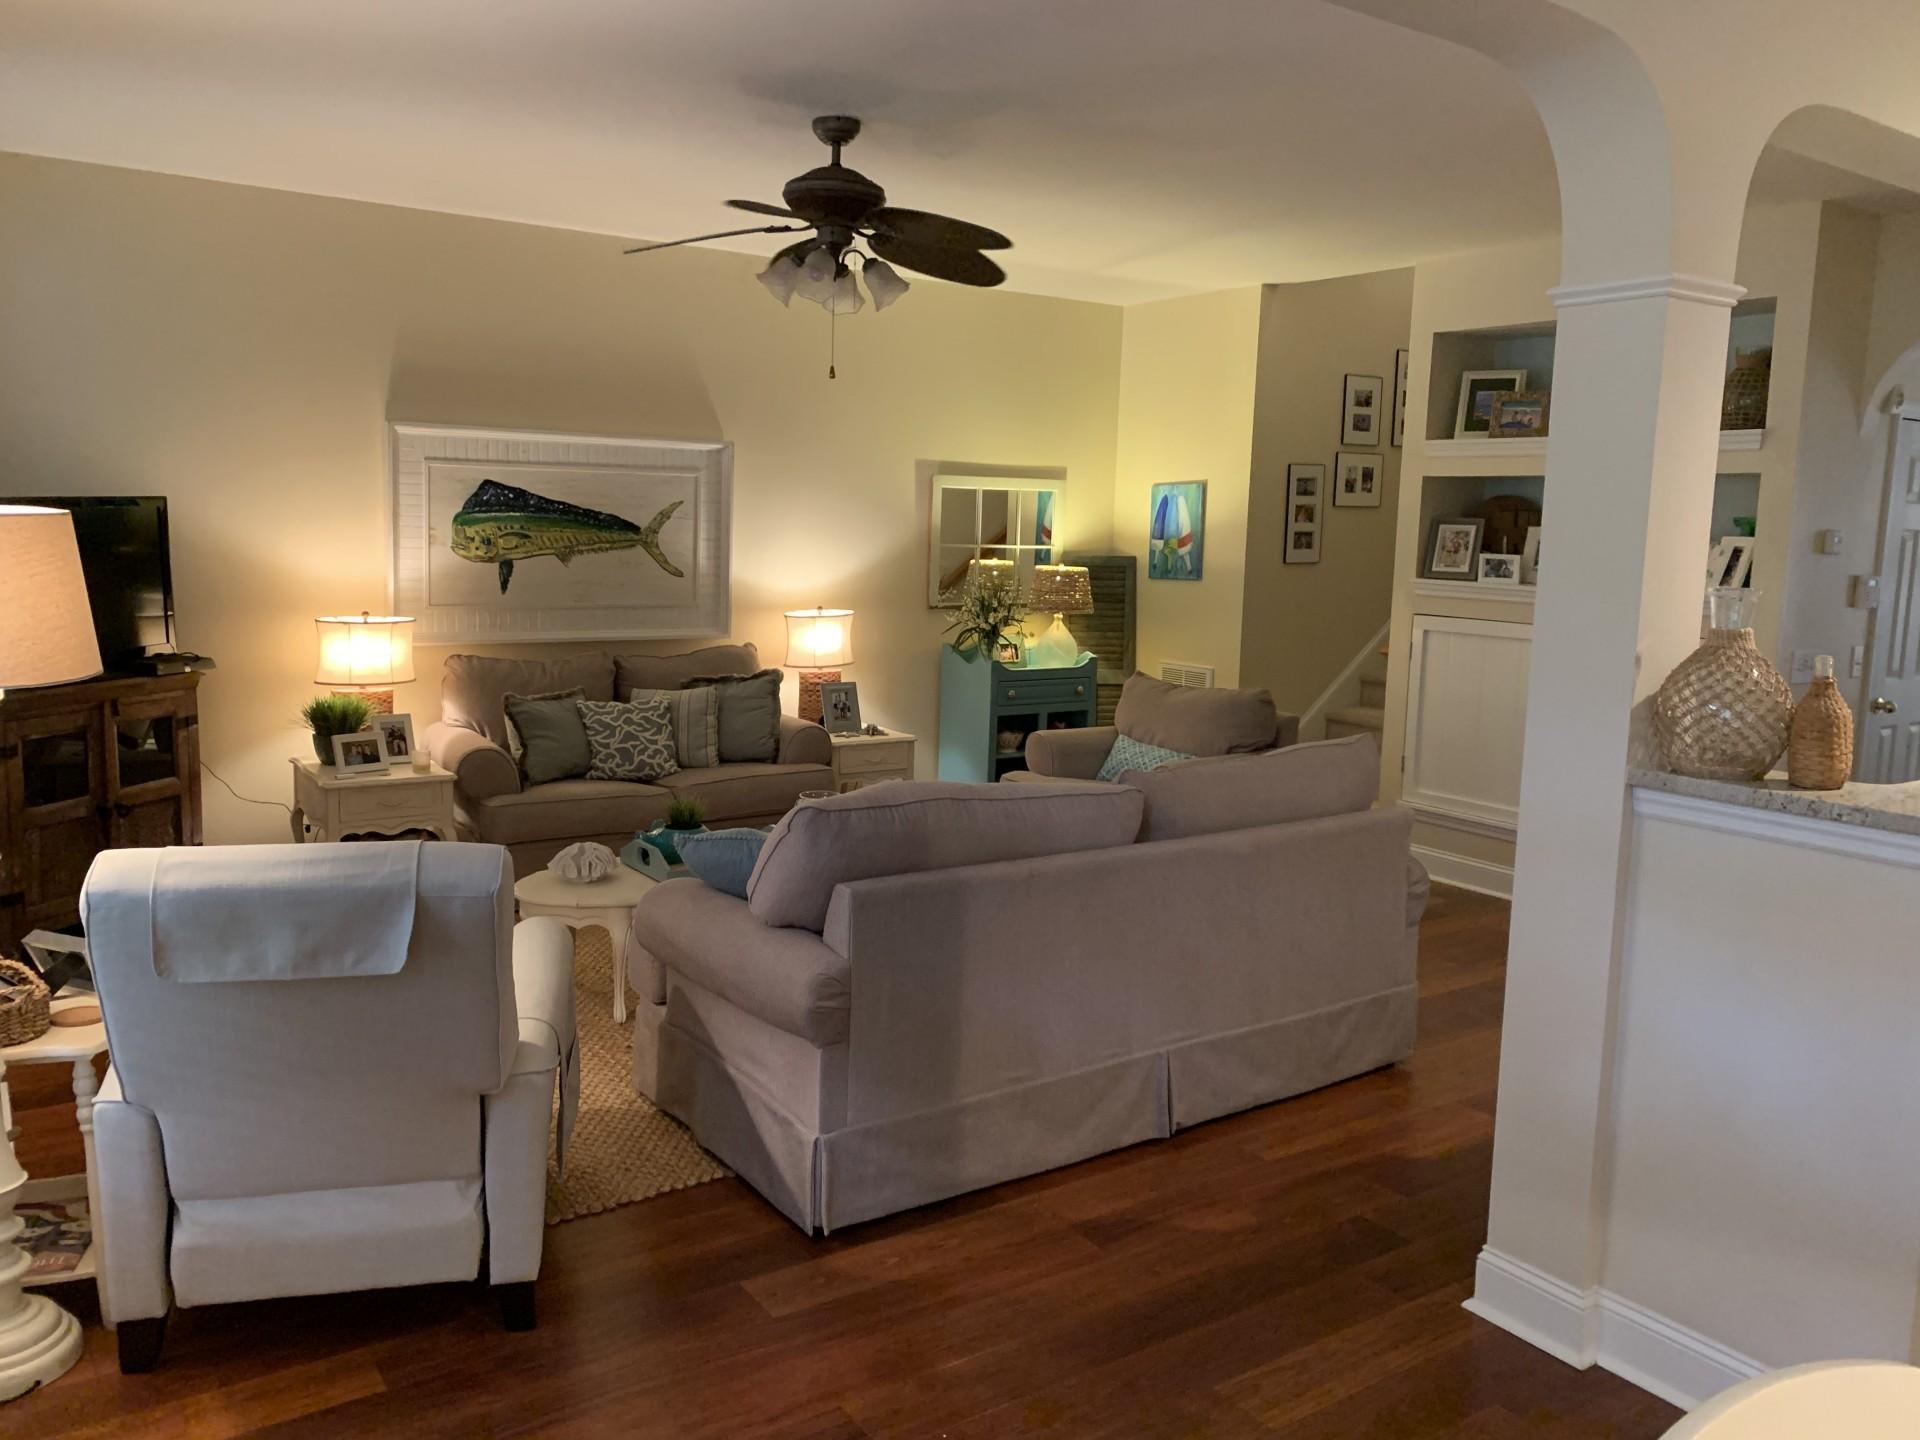 Park West Homes For Sale - 2455 Draymohr, Mount Pleasant, SC - 10